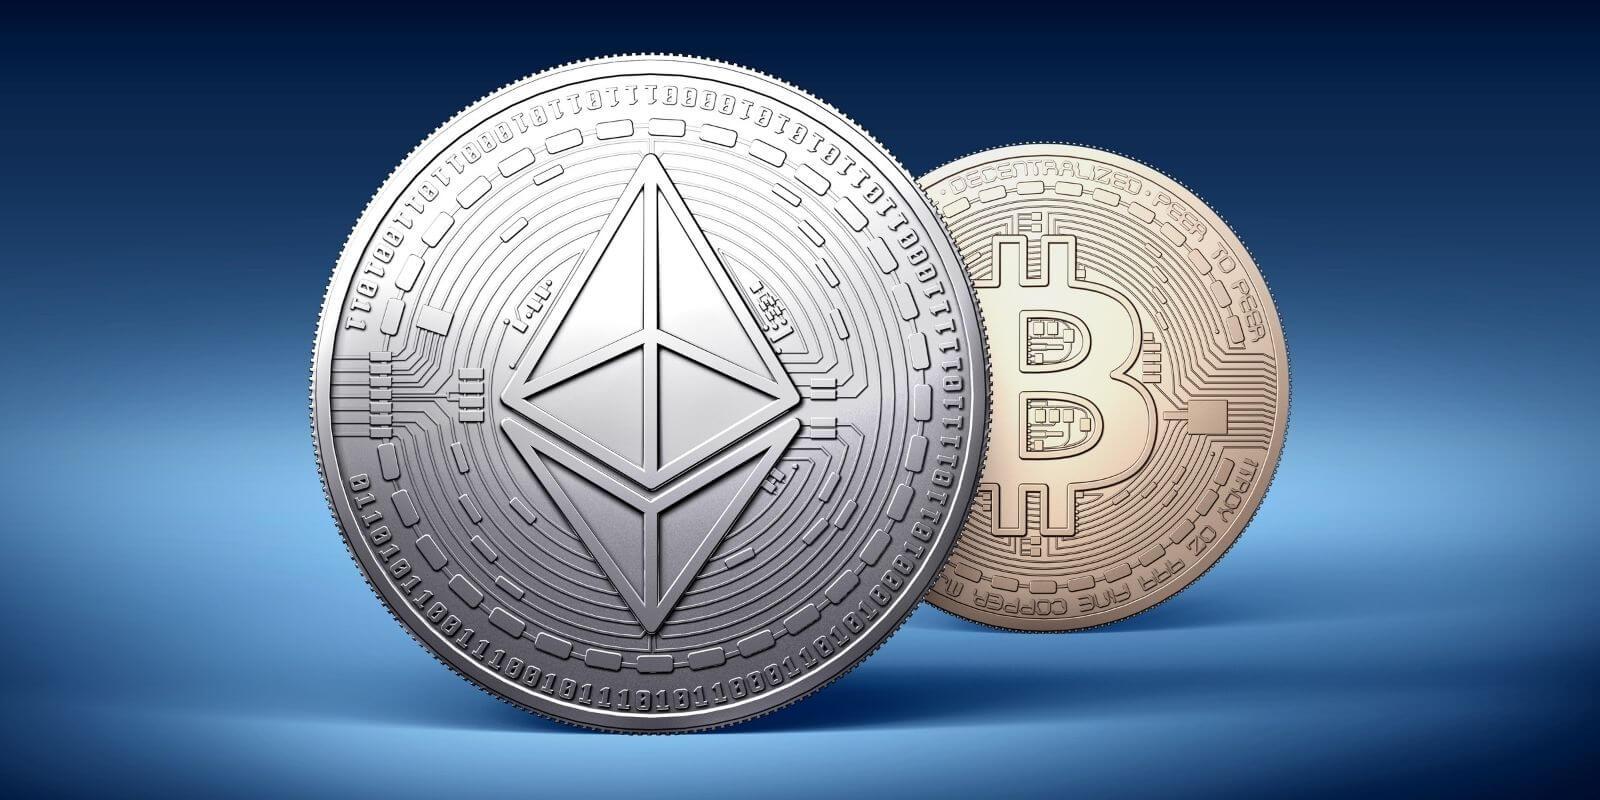 L'Ether (ETH) a dépassé le Bitcoin (BTC) en termes de valeur échangée